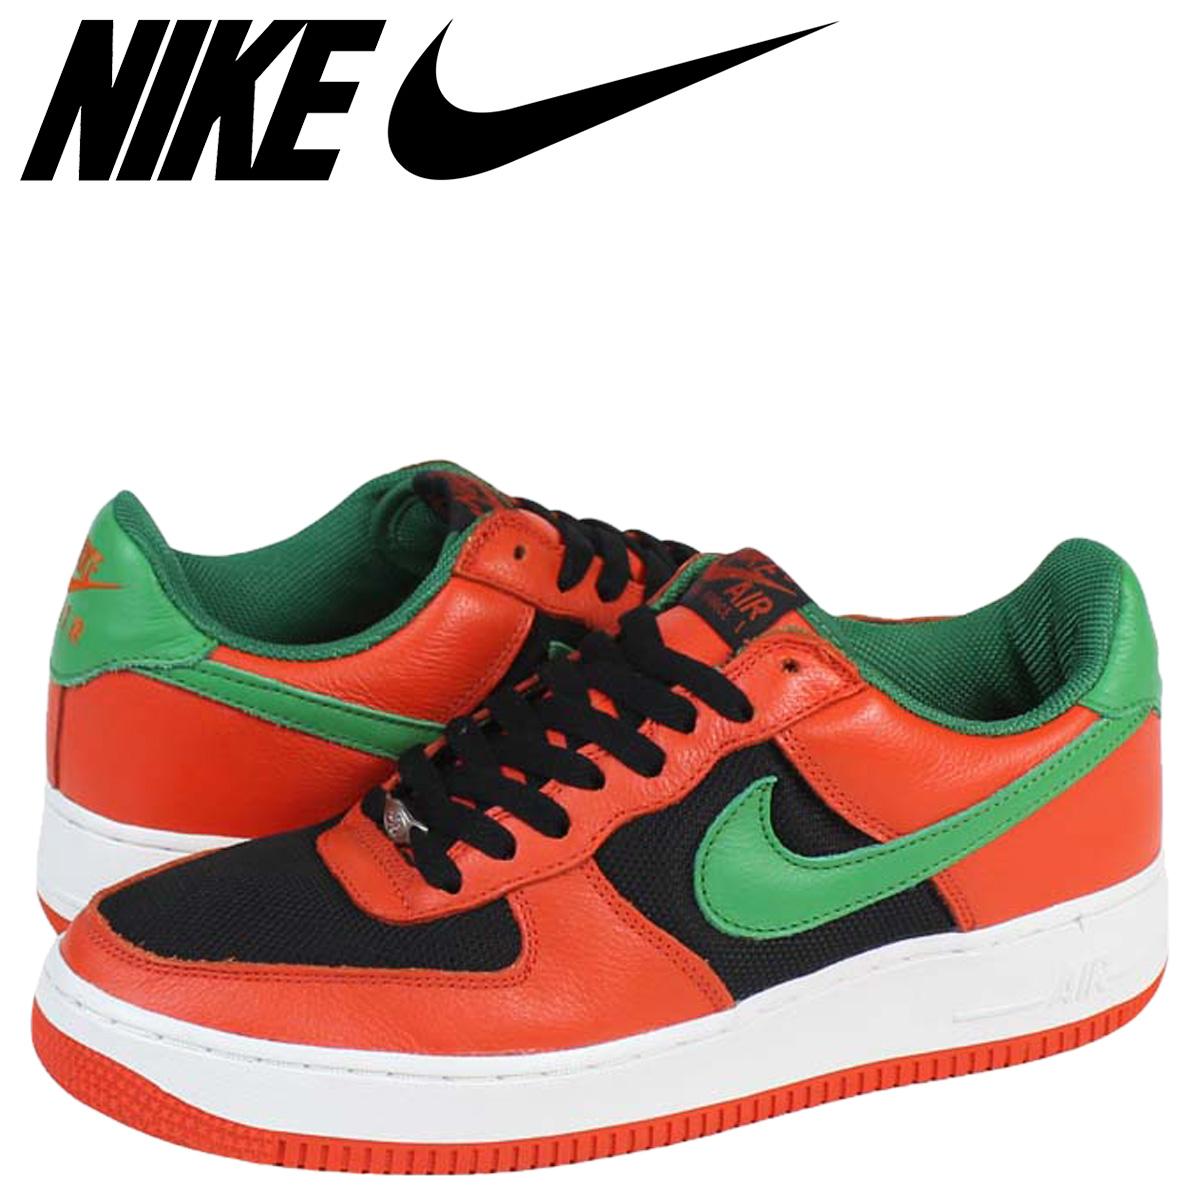 Nike Air Force 1 - 307334 831